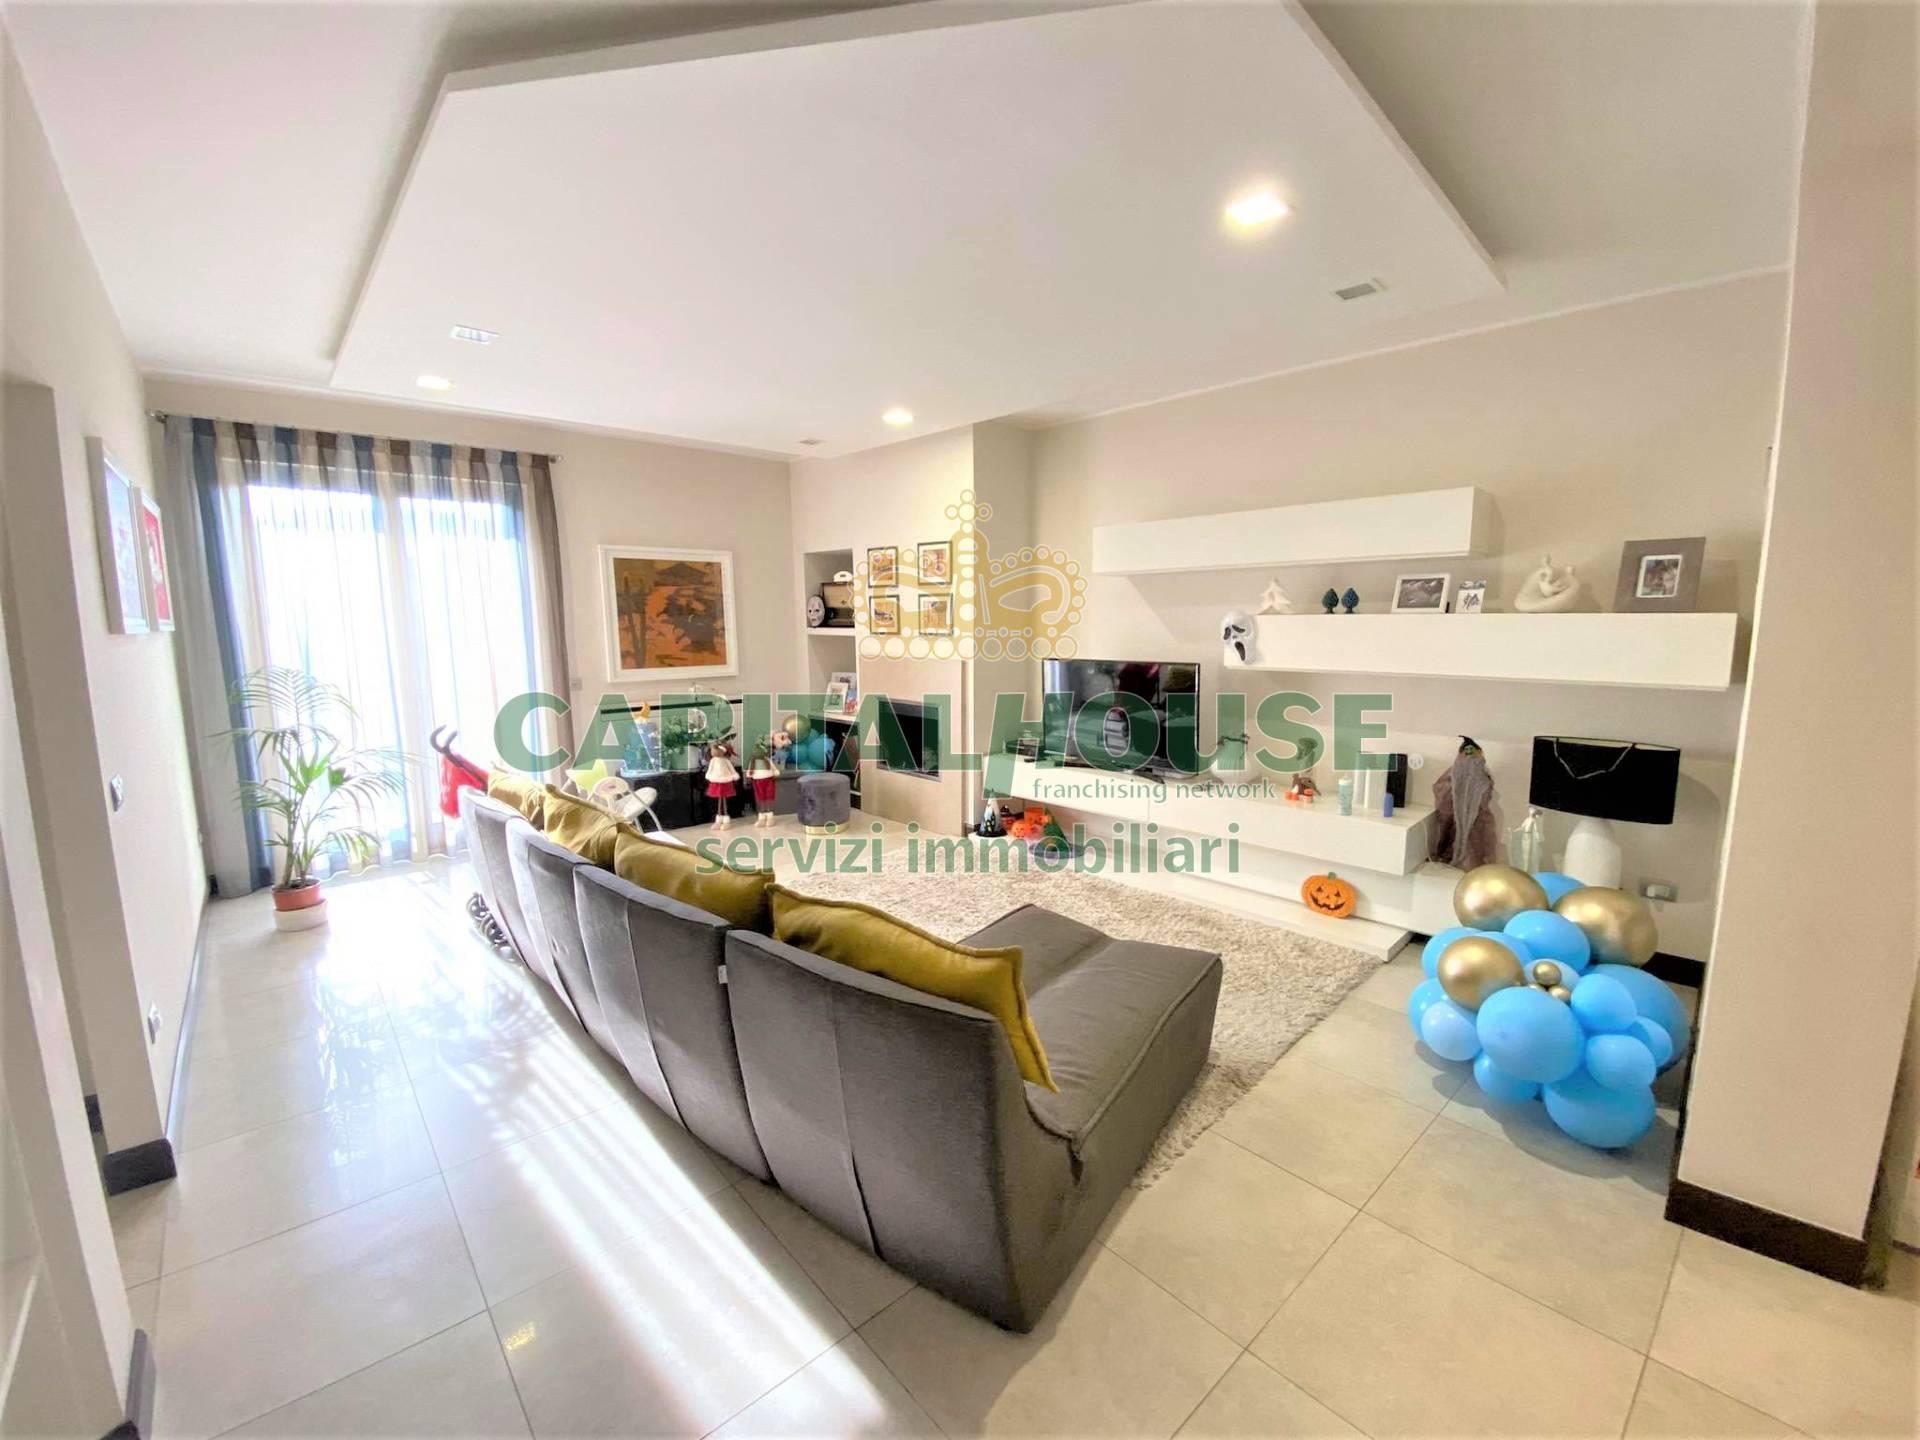 Casa indipendente in vendita a Mugnano Del Cardinale (AV)